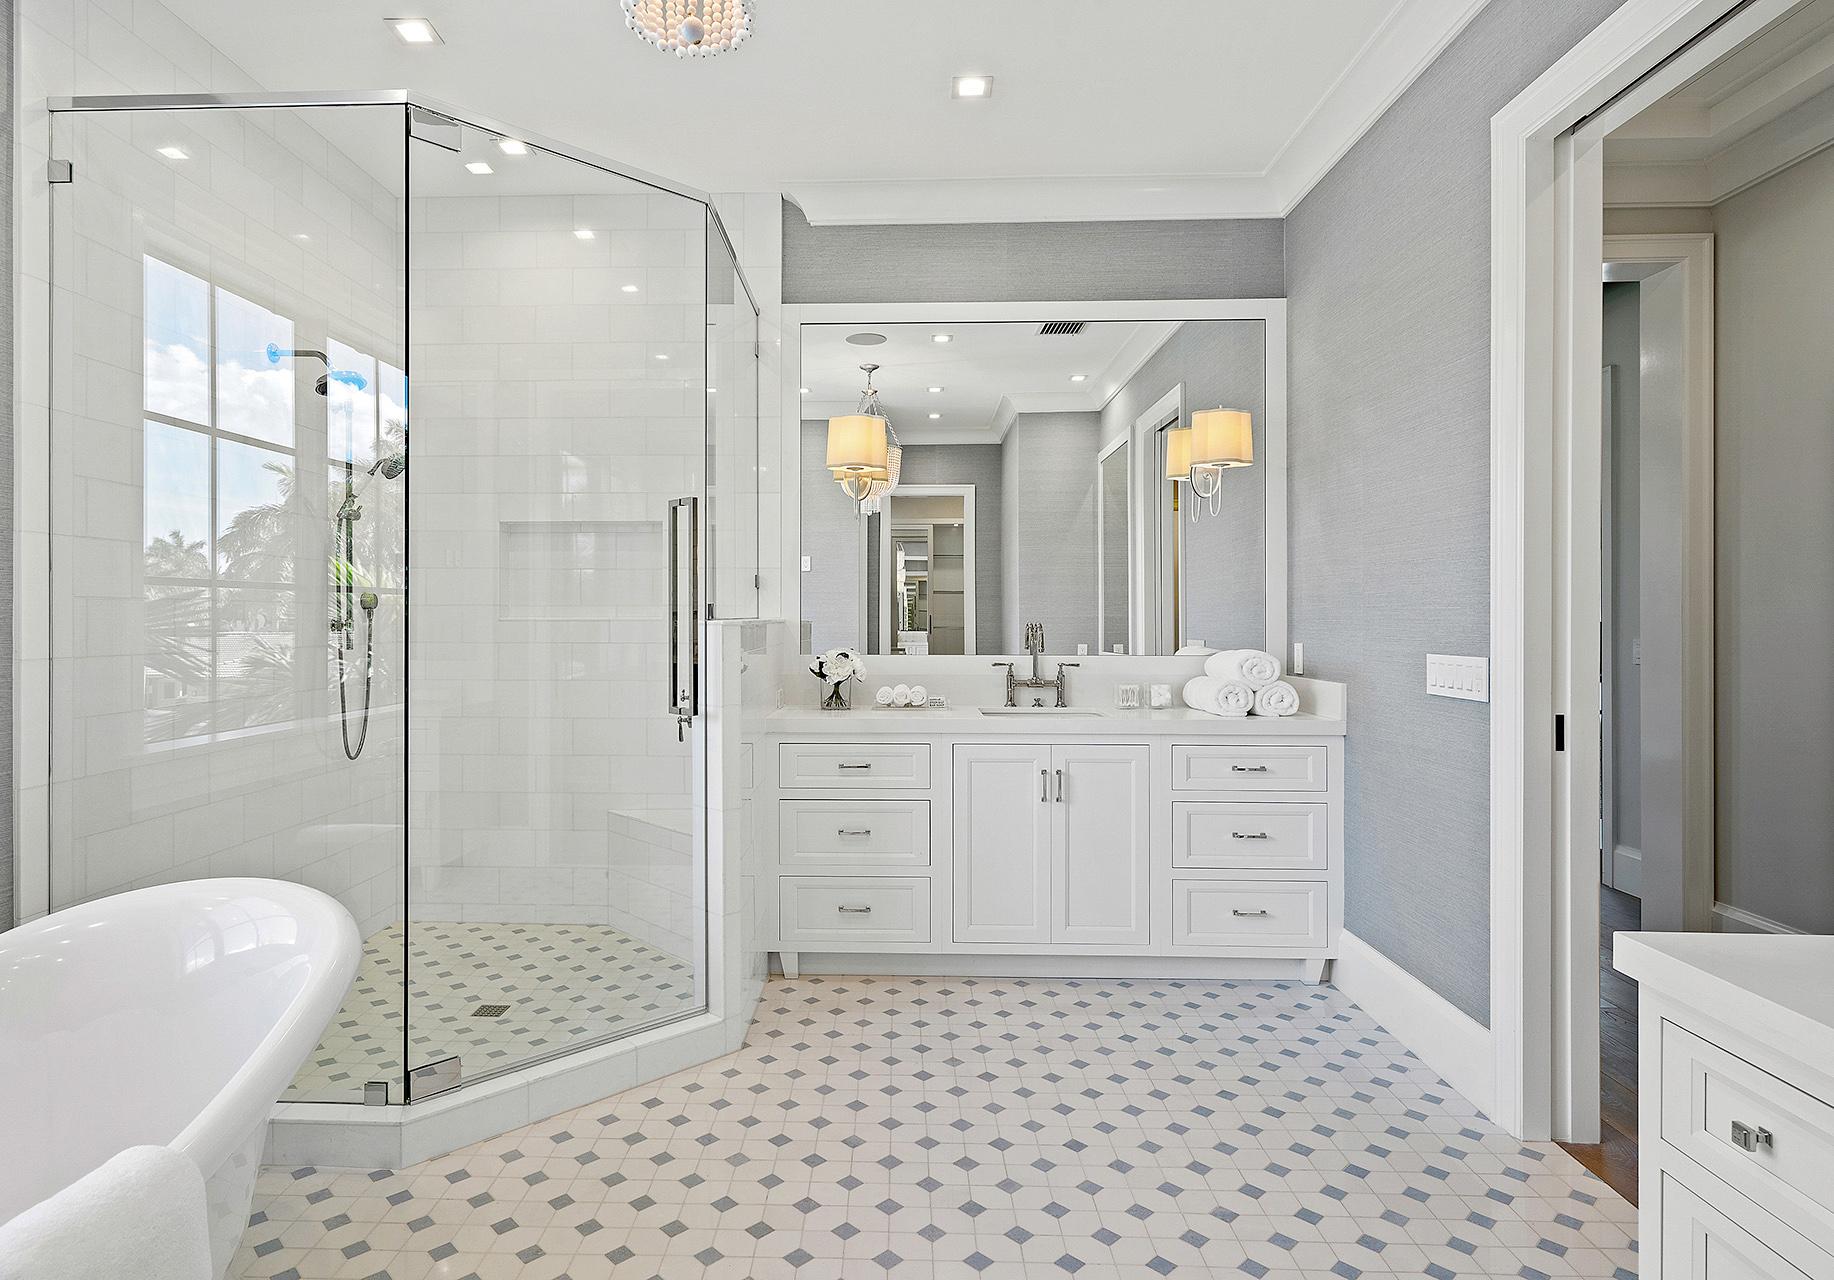 Shiloh_Bathroom_1_19GrnsArcticMplDiMisa02_dbe8ce9a-2a6a-458a-bf06-8c3426da1fba